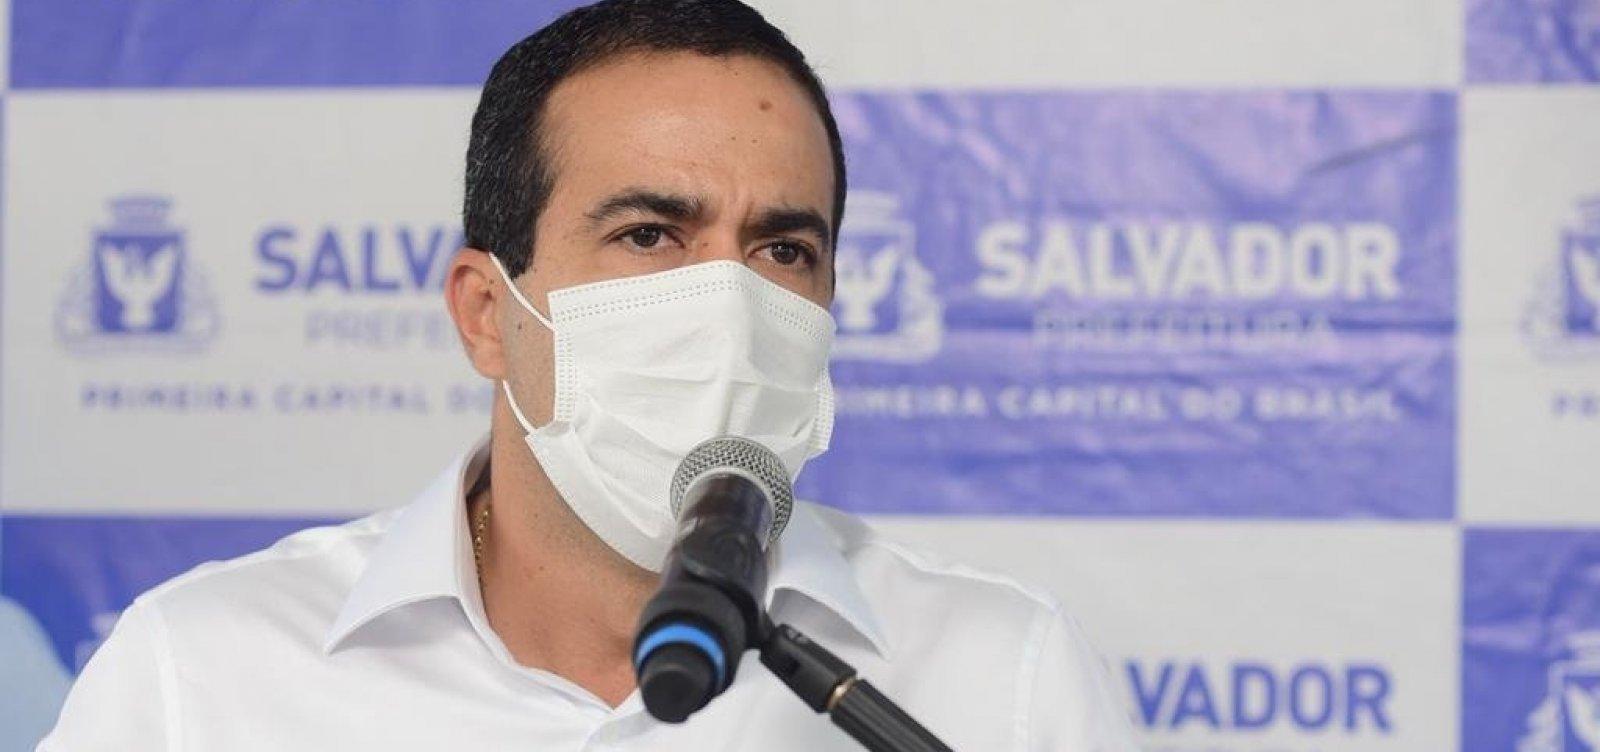 [Prefeito de Salvador vai a Brasília após governo federal reduzir financiamento de leitos Covid]